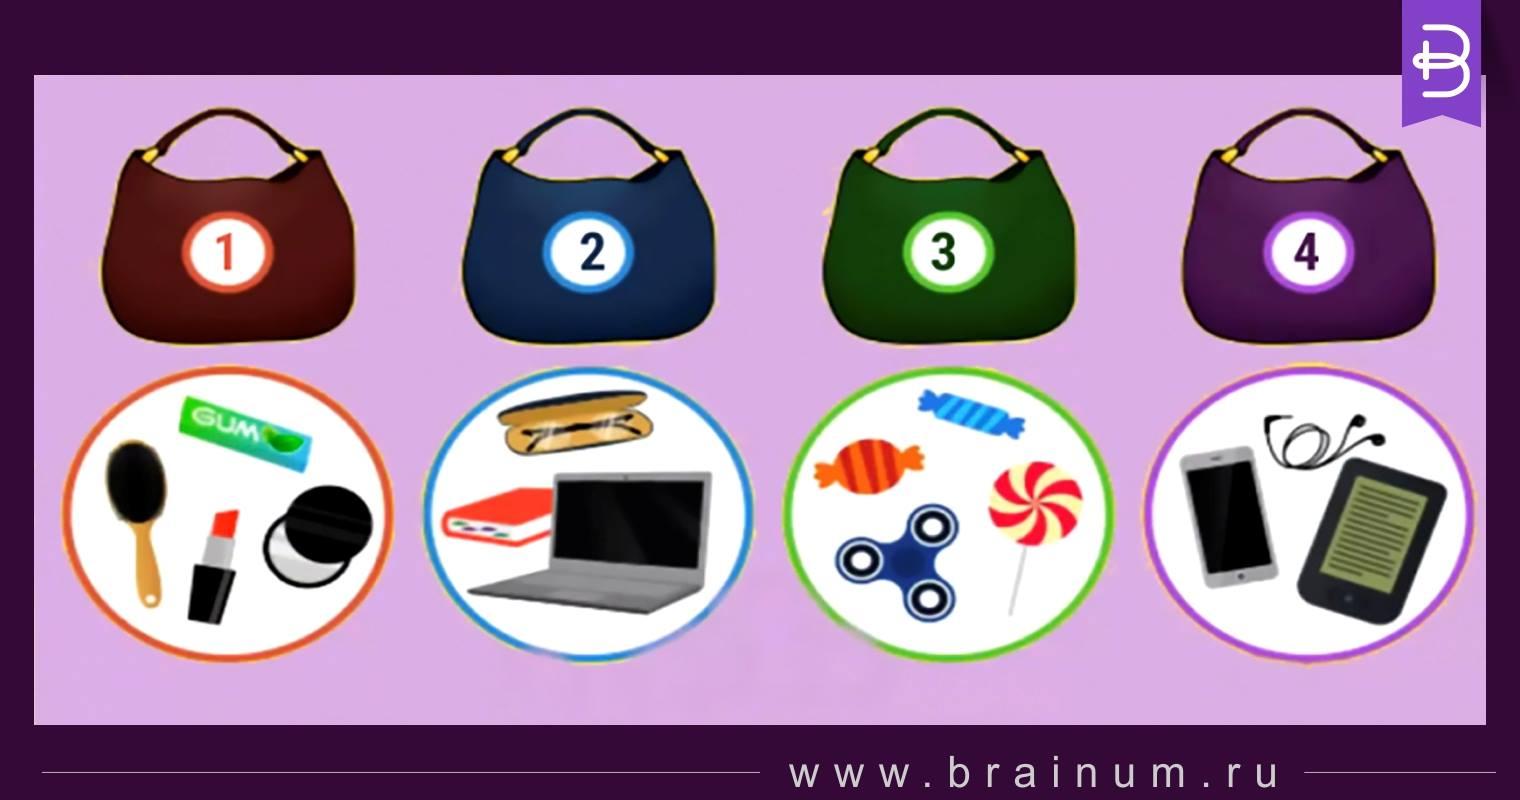 eb4d15a9bb68 Сумка для женщины – эта важная вещь и основной элемент ее гардероба.  Поэтому женщины не могут ходить без сумки. Сумка для женщины – это «второе  я».